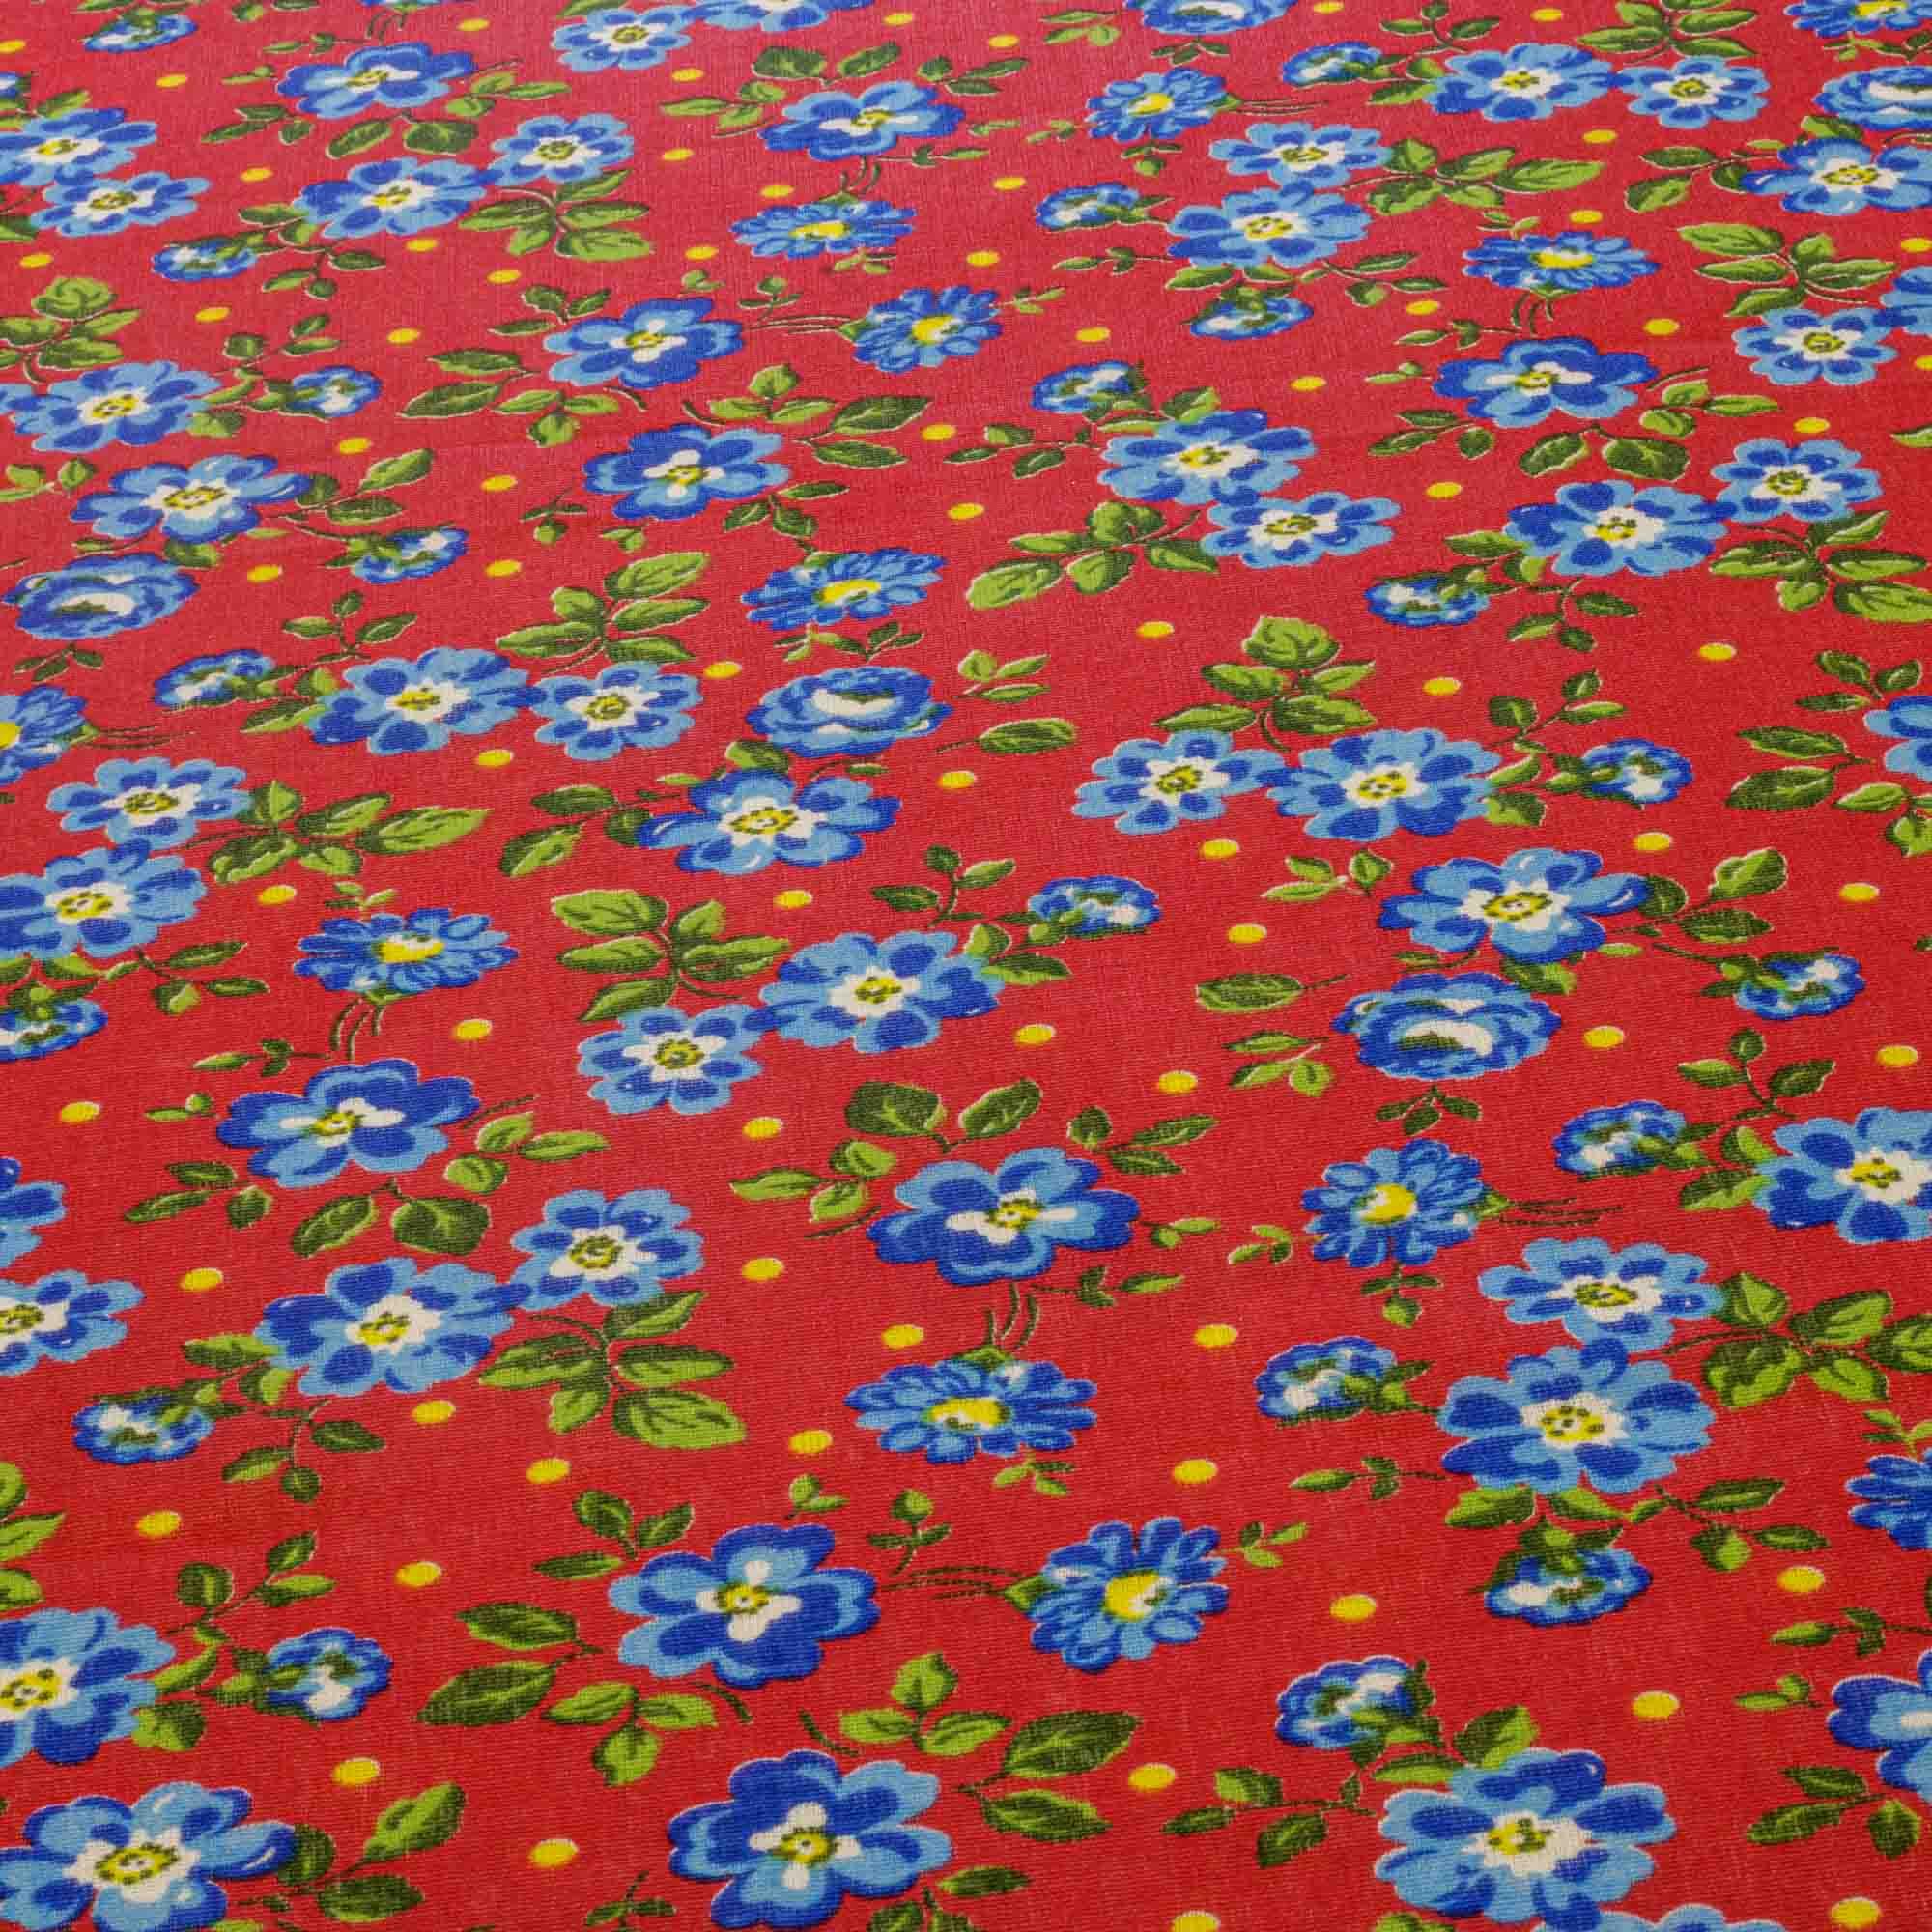 Tecido Chita Estampada Floral Fundo Vermelho 100% Algodão 1,40 Mt Largura